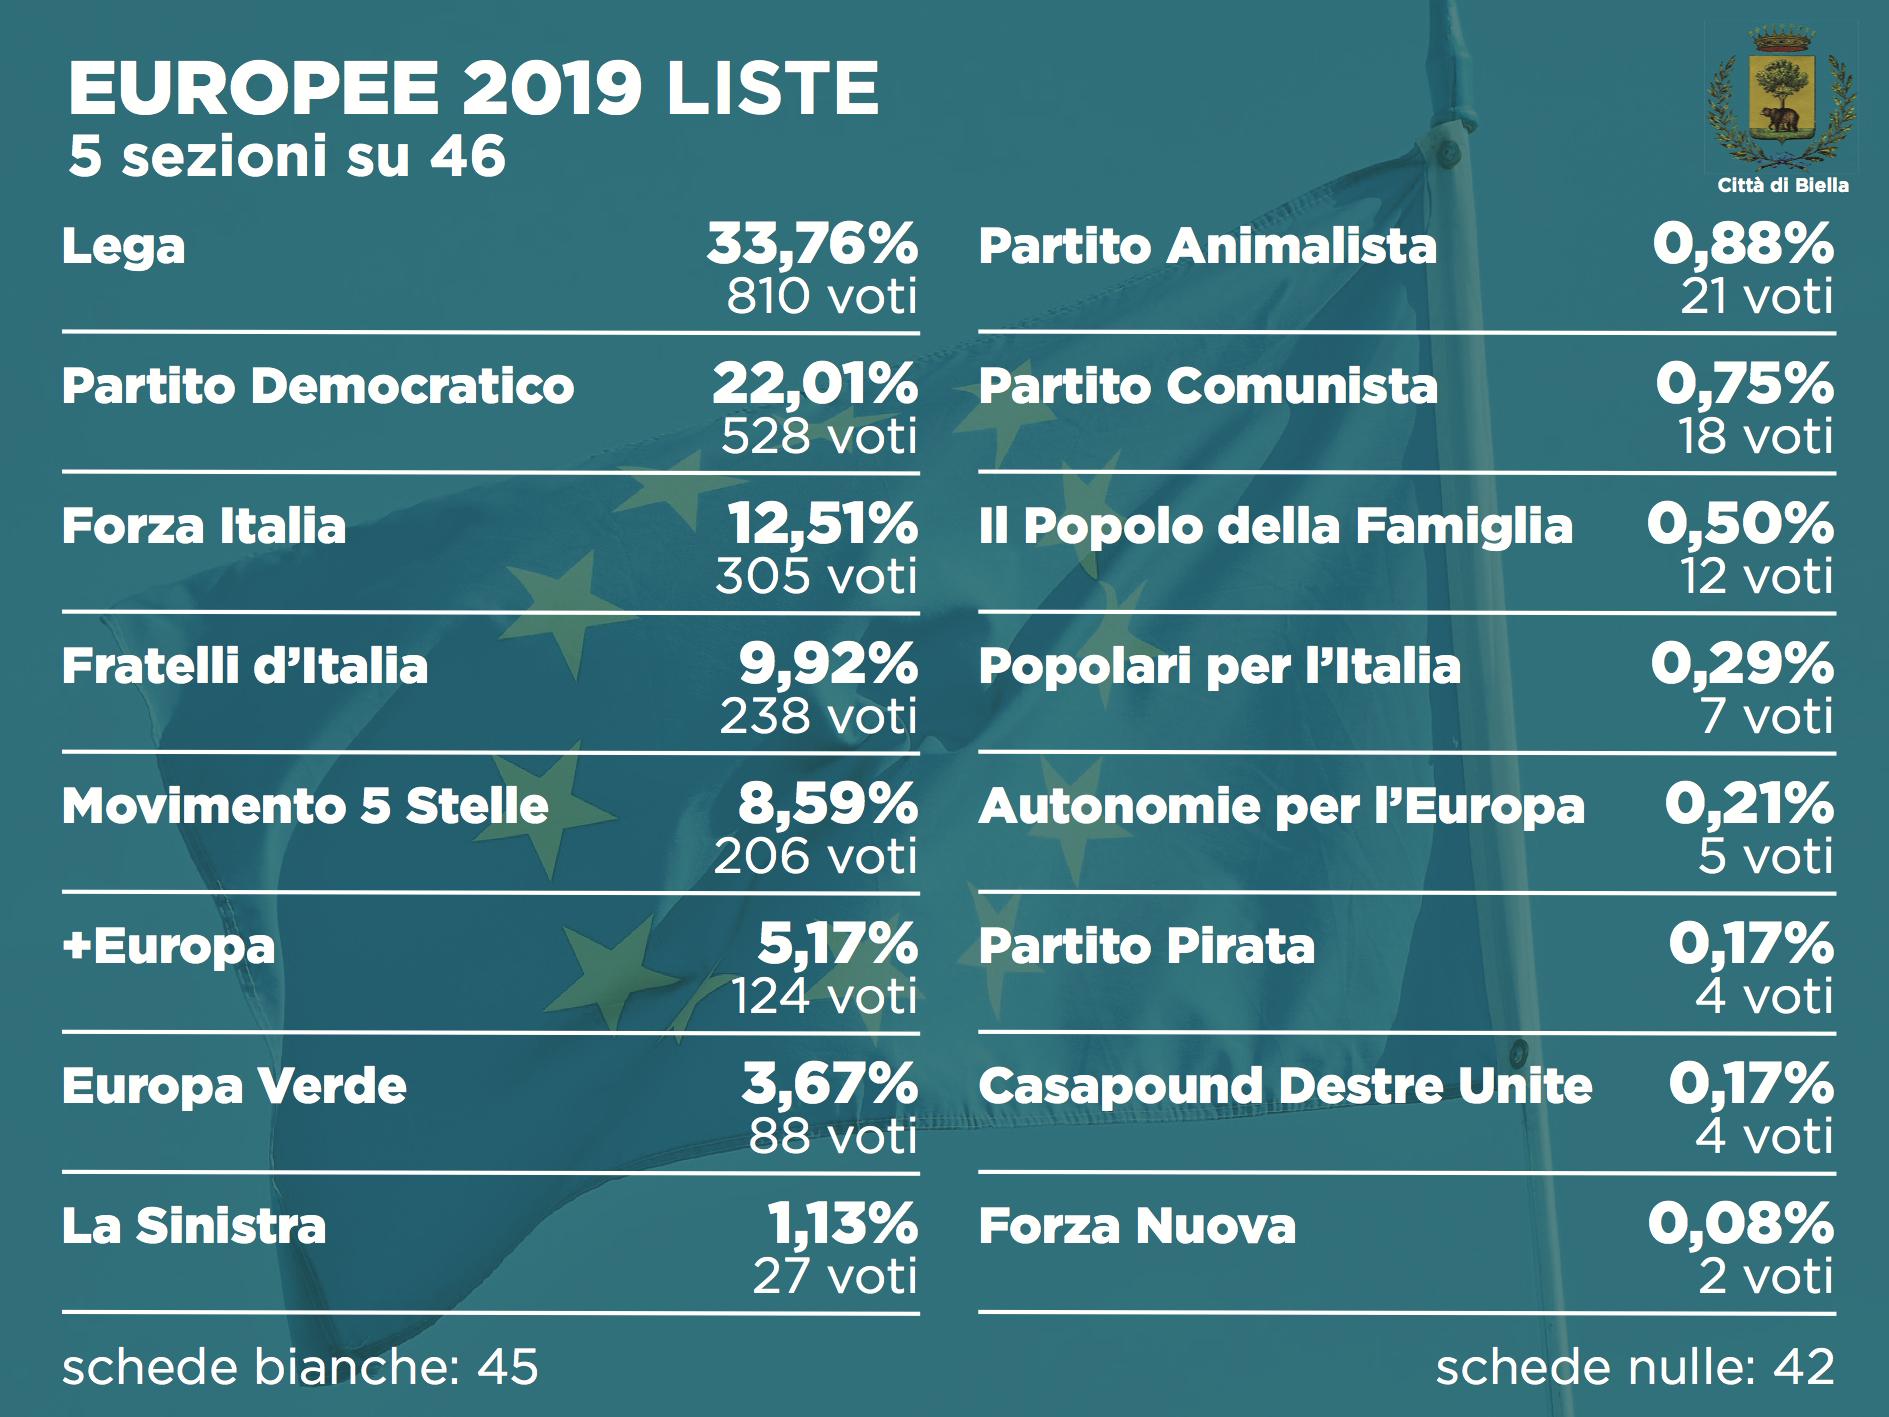 Elezioni 2019, i risultati alle europee dopo 5 sezioni